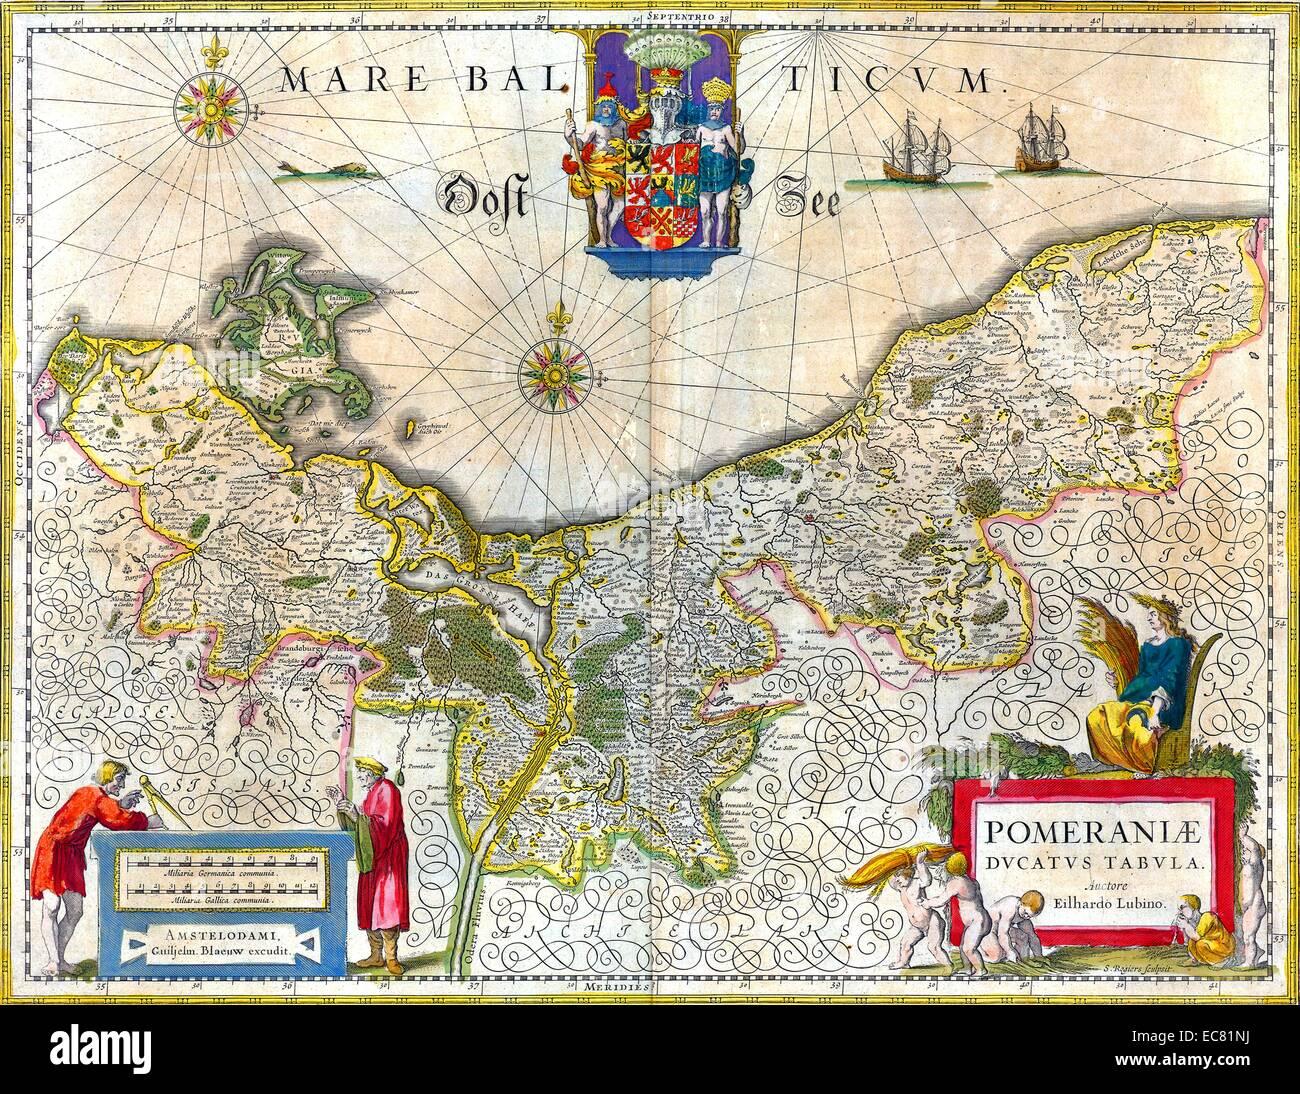 Mappa del centro storico di ducato di Pomerania. Risalenti al XVII secolo Immagini Stock